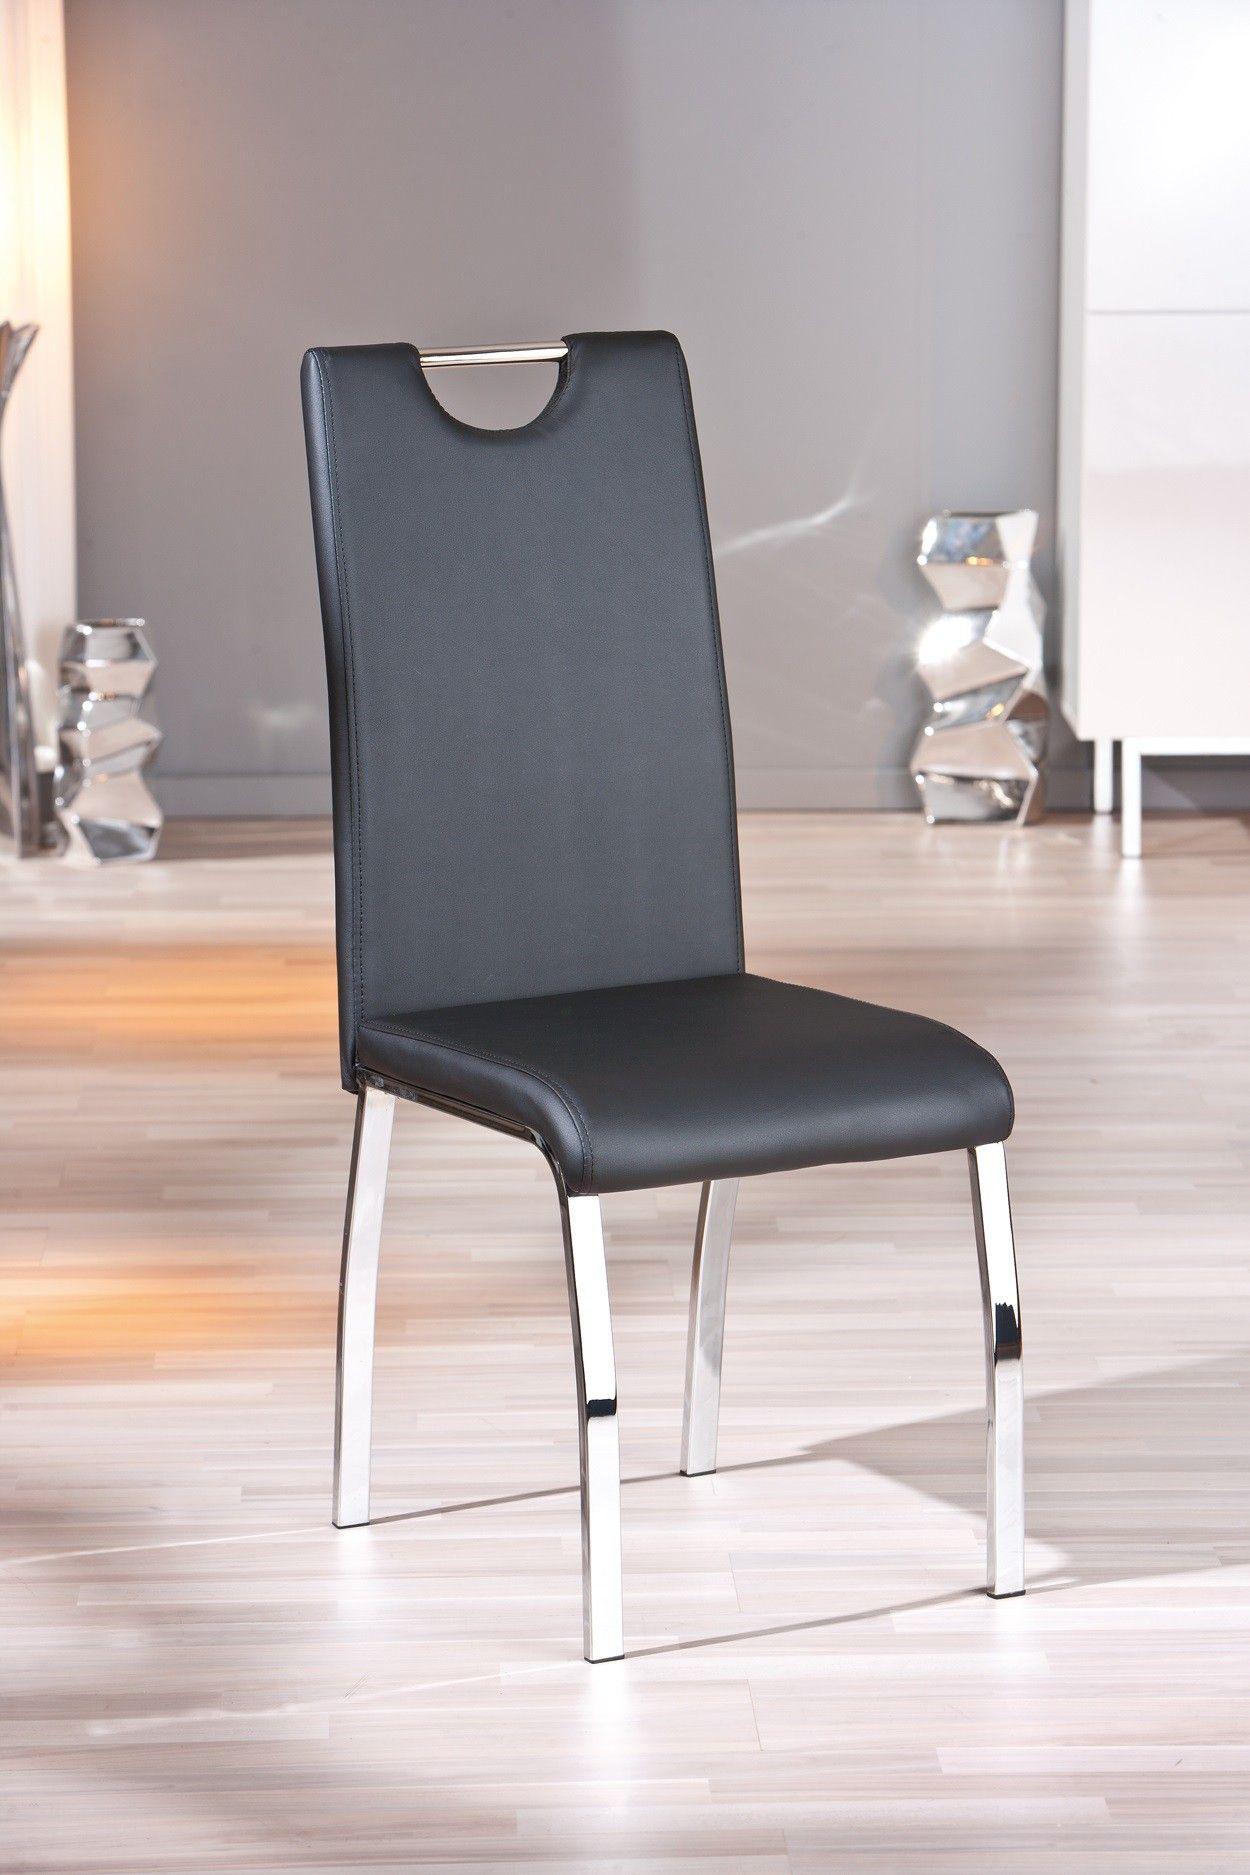 Magnifique Chaises Salle à Manger Design Décoration Française - Chaises velours salle a manger pour idees de deco de cuisine